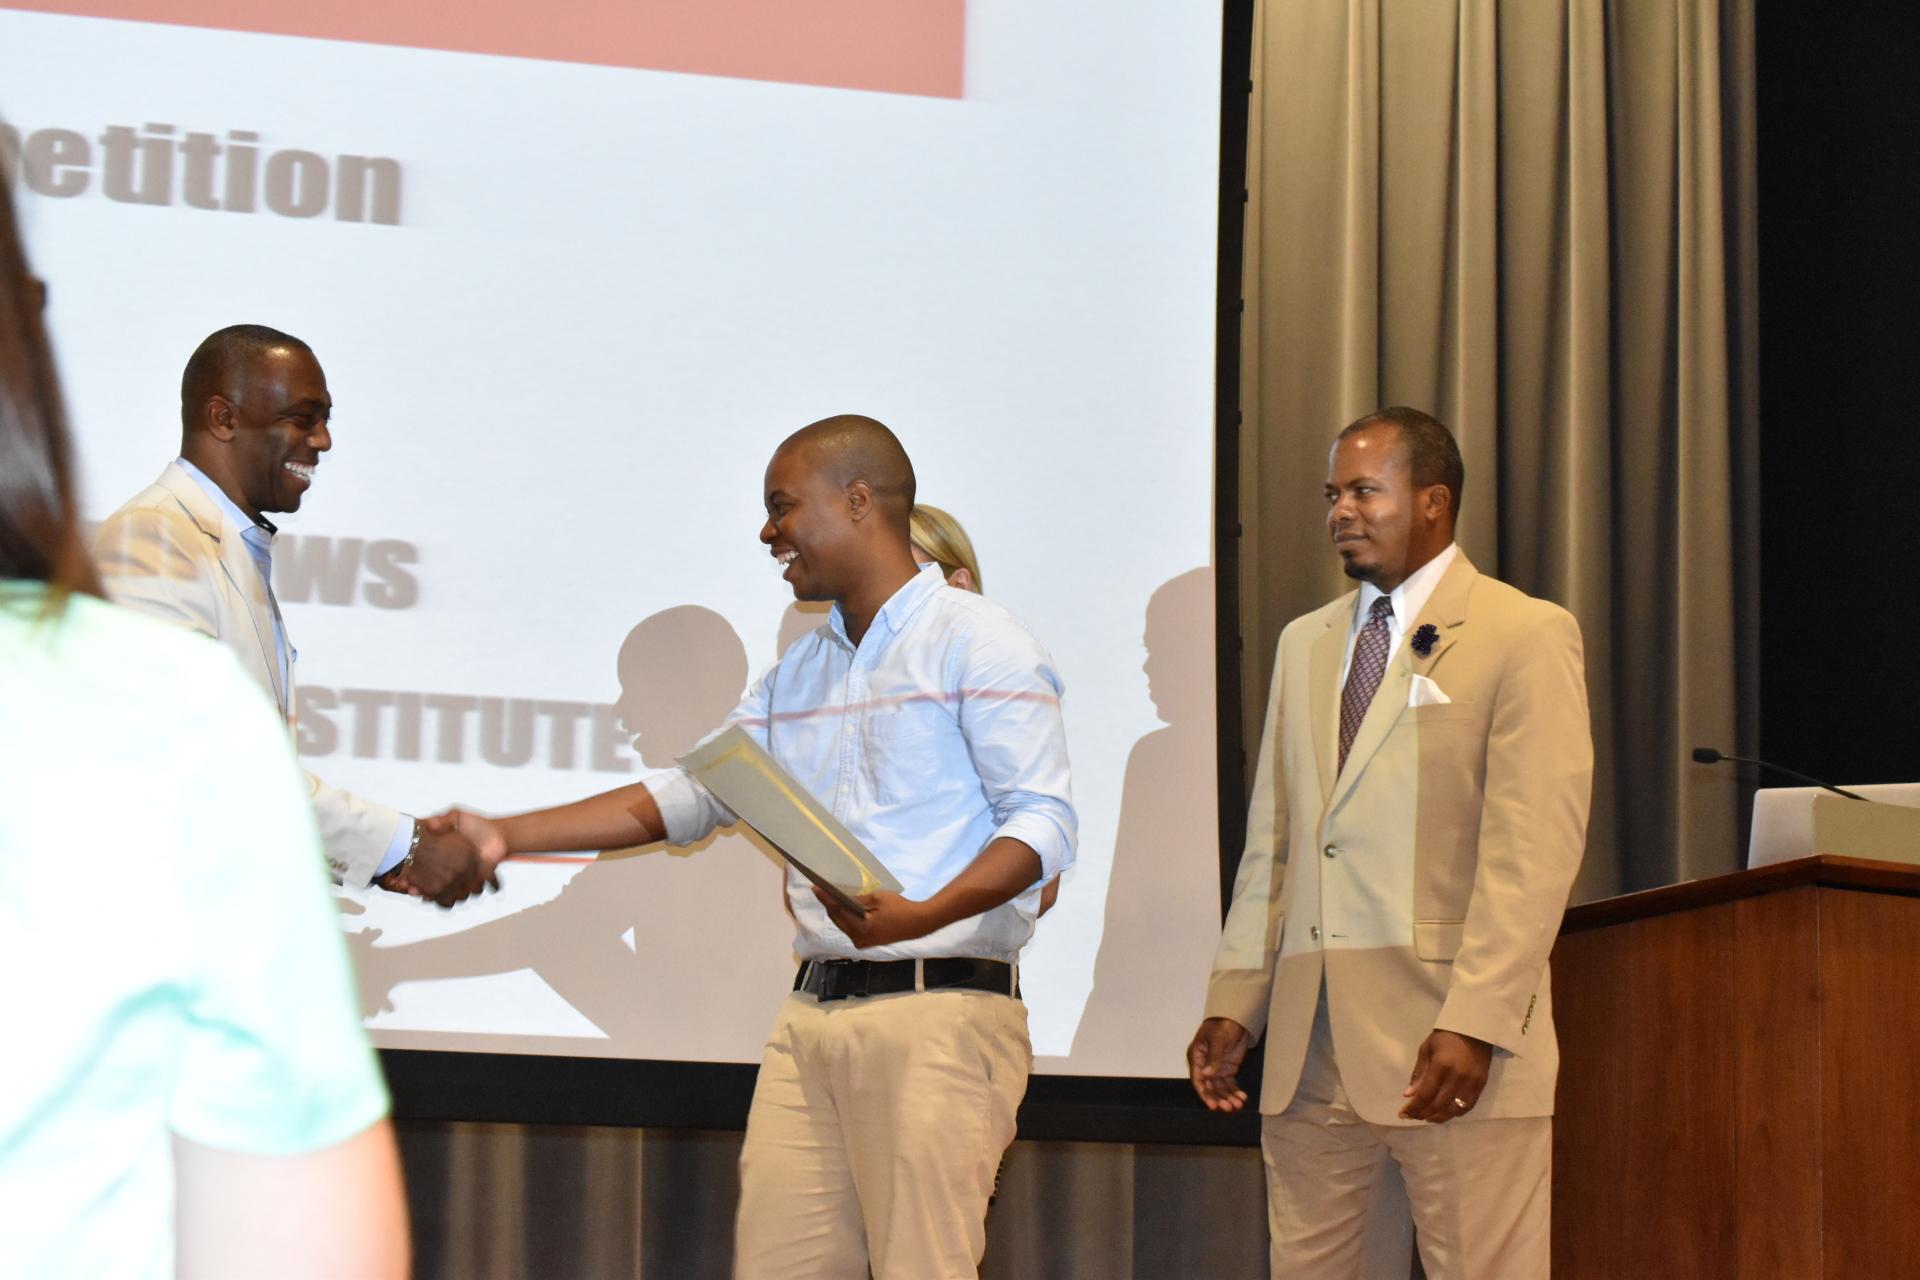 Receiving International Business pitch award